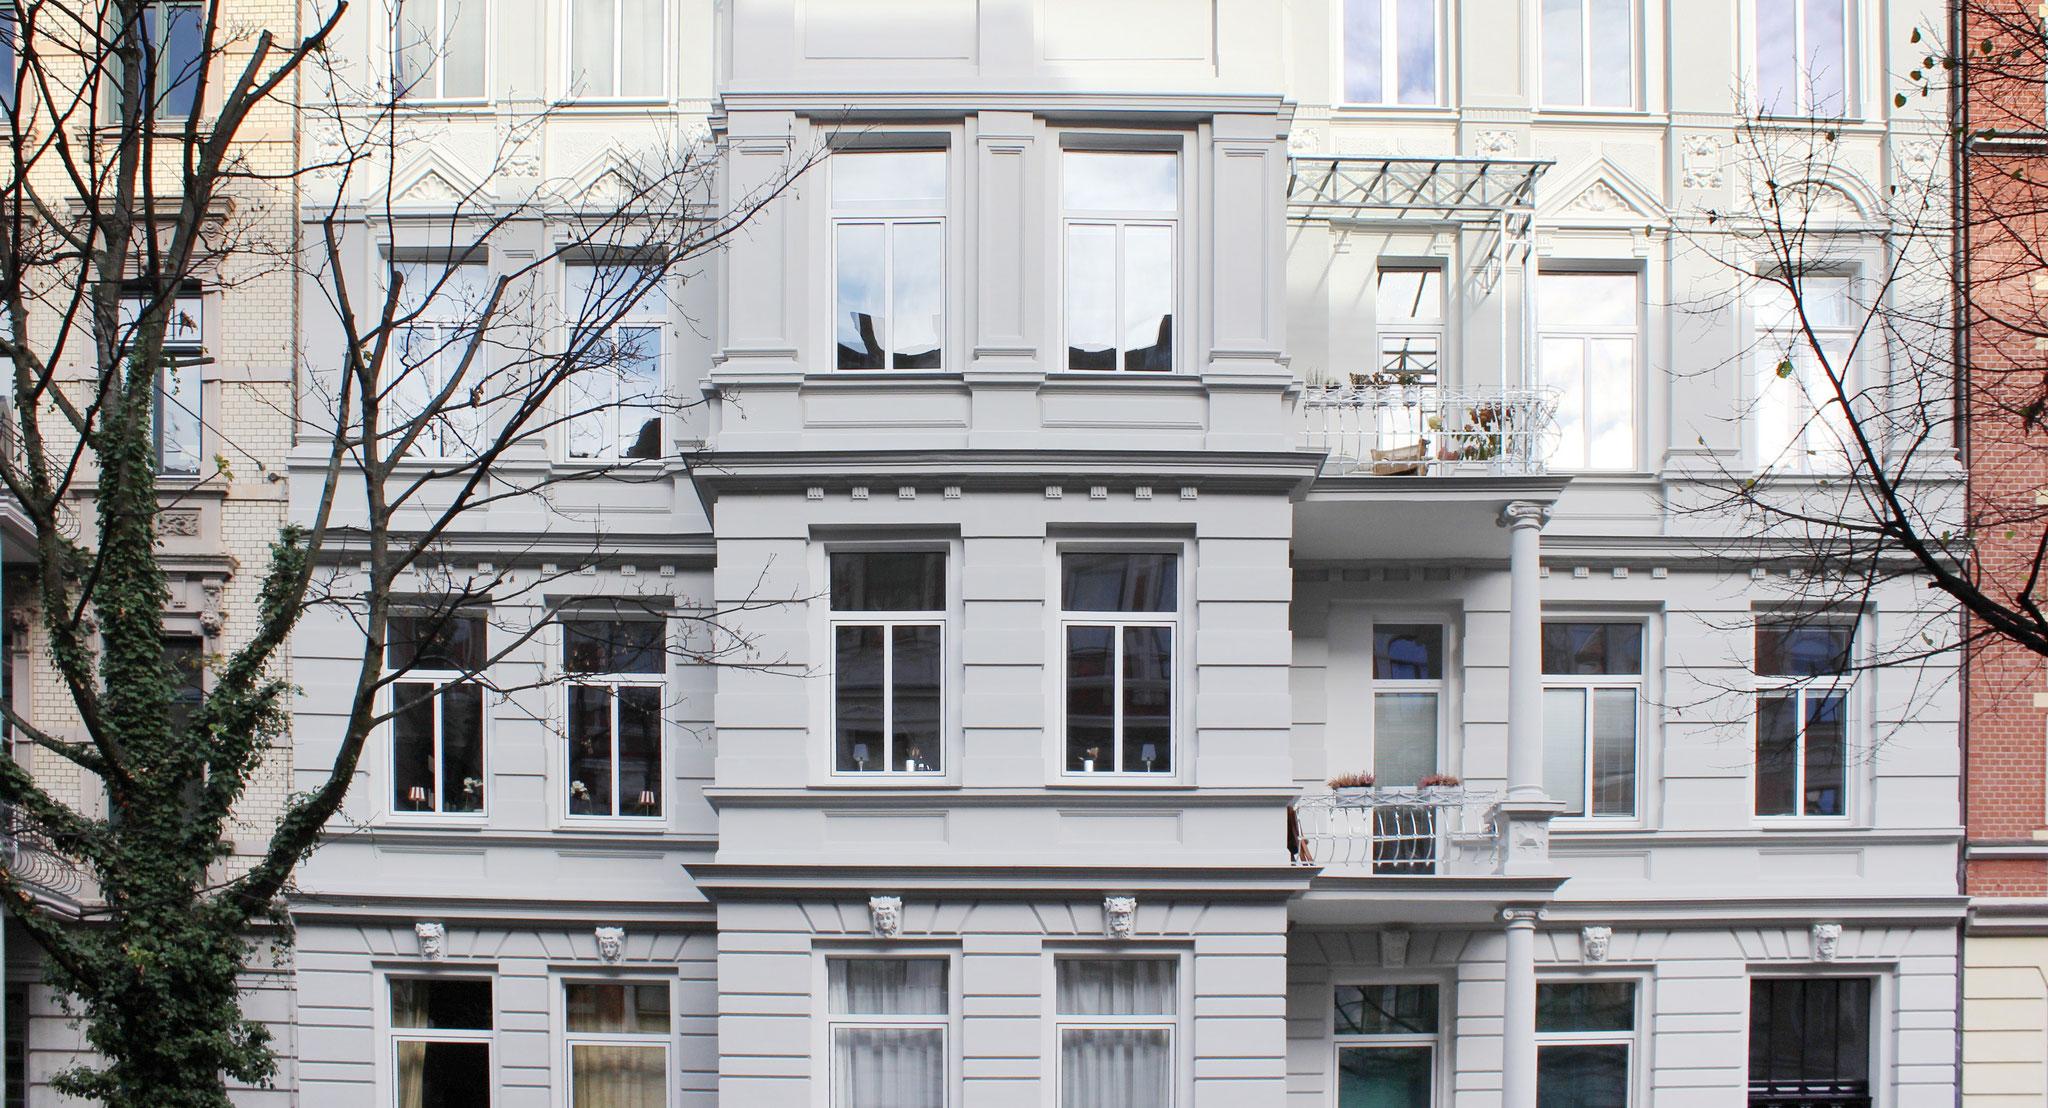 Gründerzeit-Stuck- und Putzfassade; Anstrich mit KEIM Granital-System